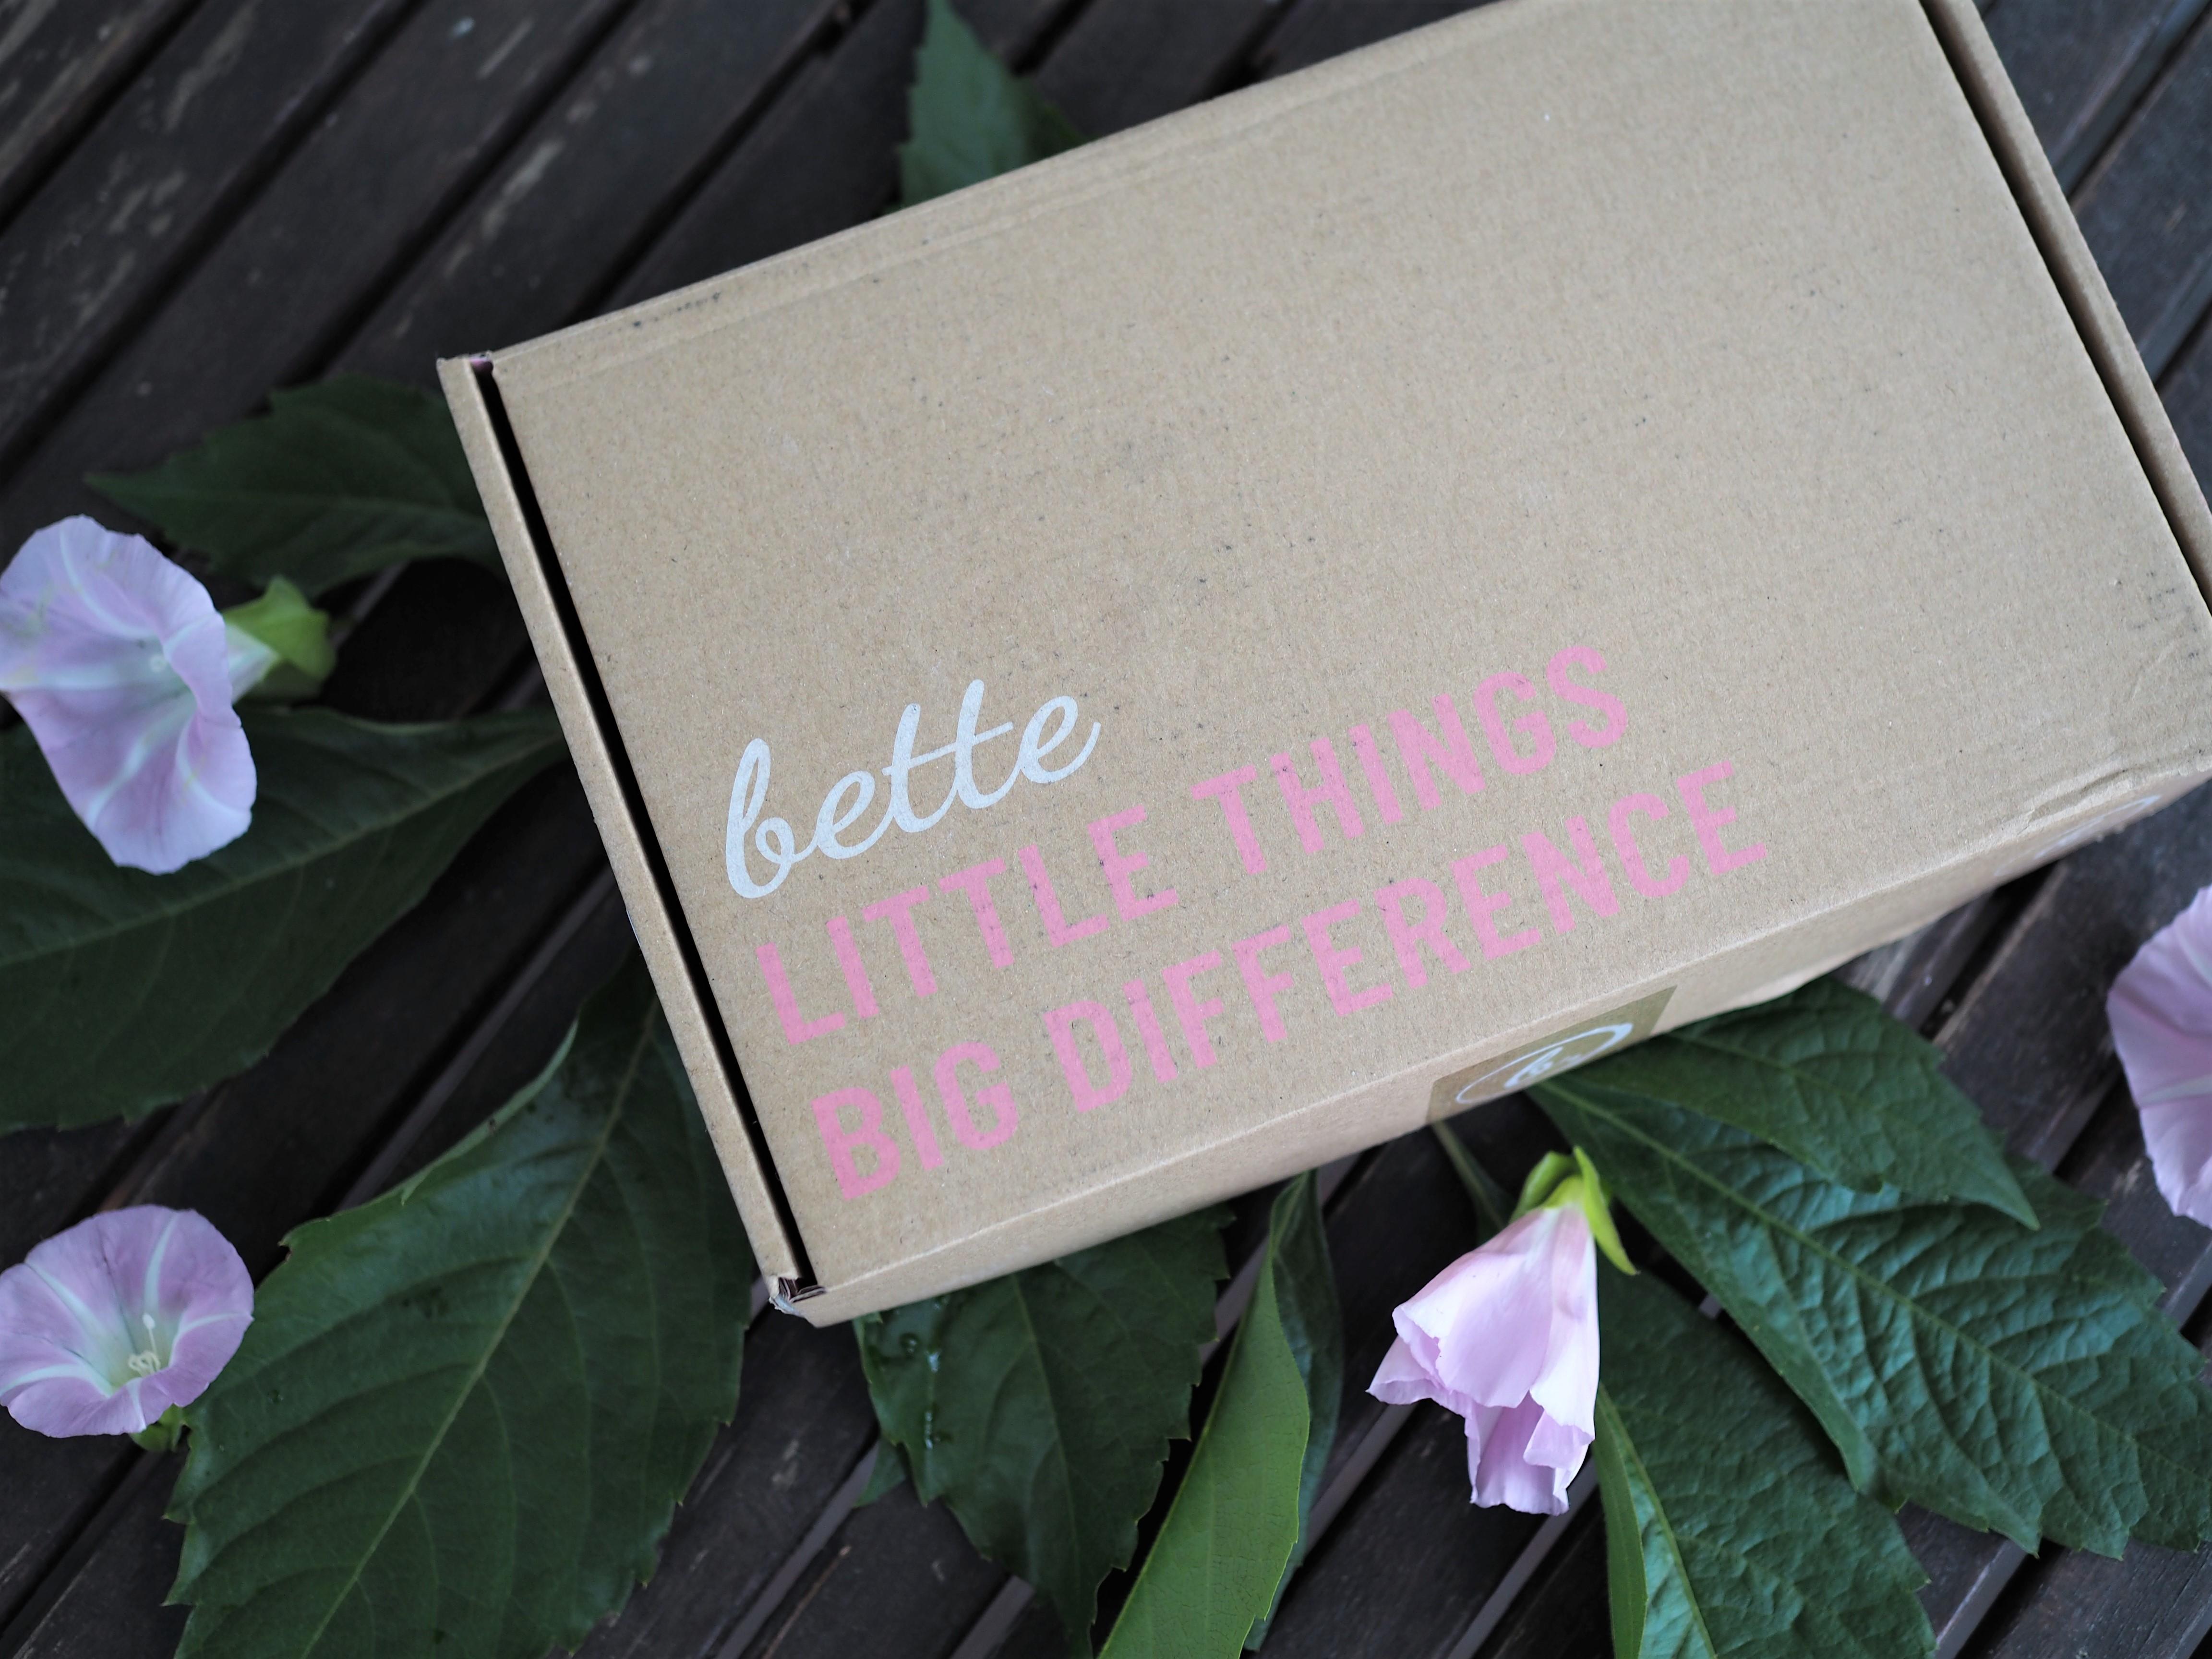 Bette box – heinäkuu 2019